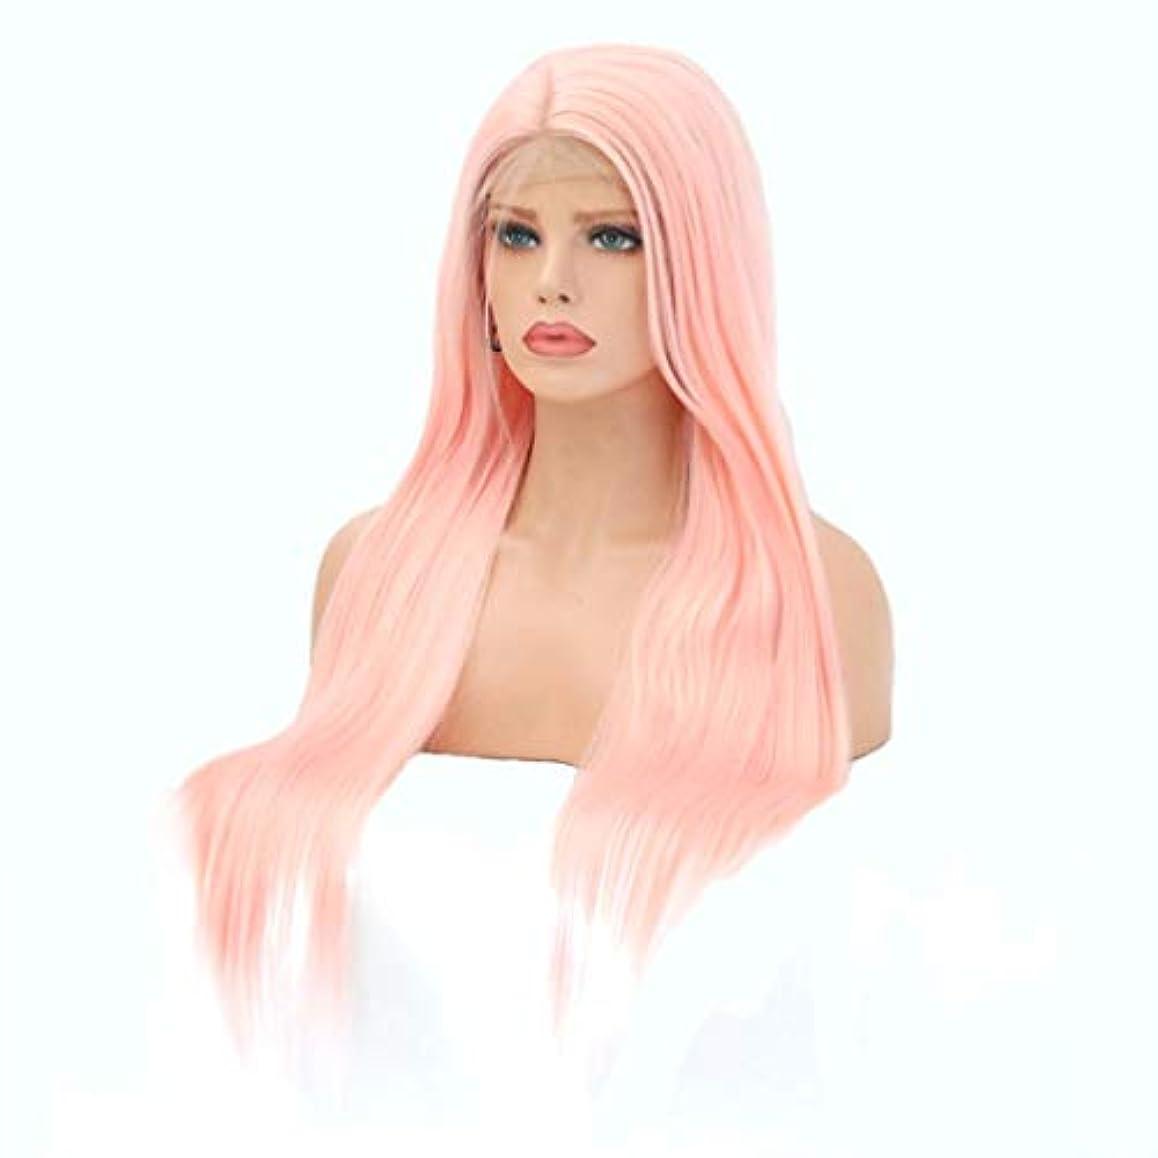 夕食を食べるレイアマイクロプロセッサSummerys 女性のためのフロントレースウィッグピンクの長いストレートの髪の化学繊維ウィッグヘッドギア